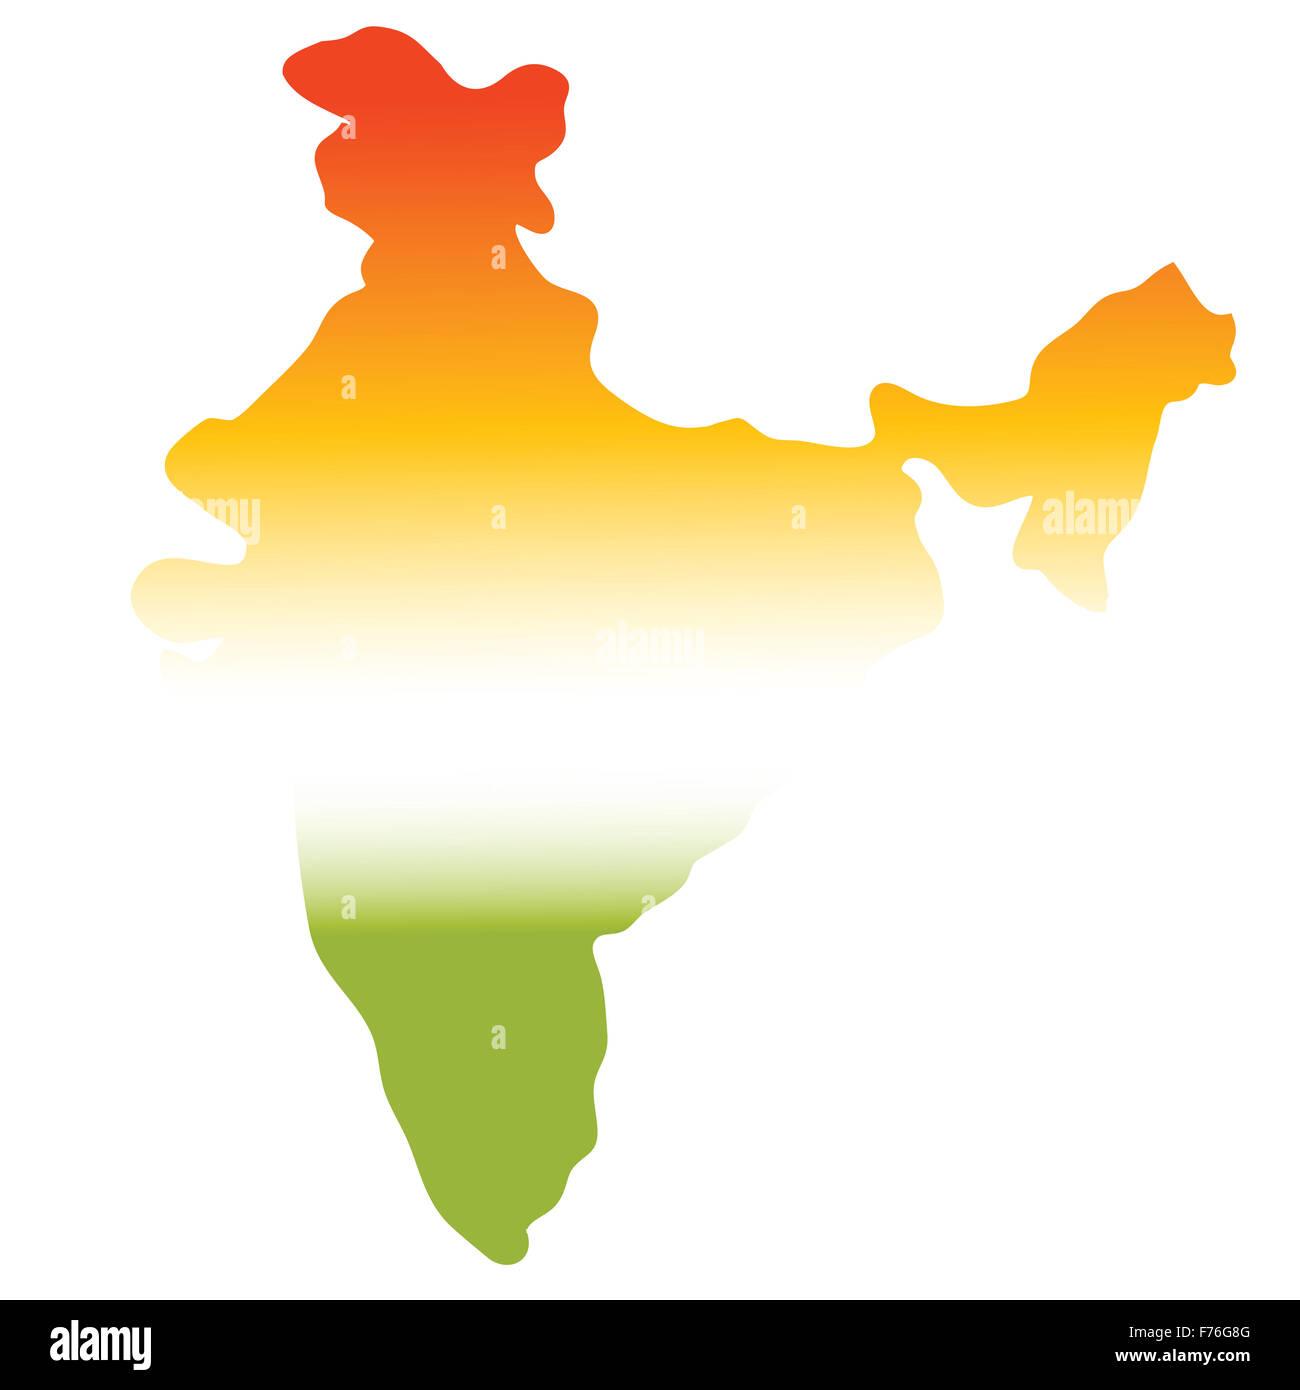 Mapa de la India en tres colores, verde, blanco, naranja Imagen De Stock